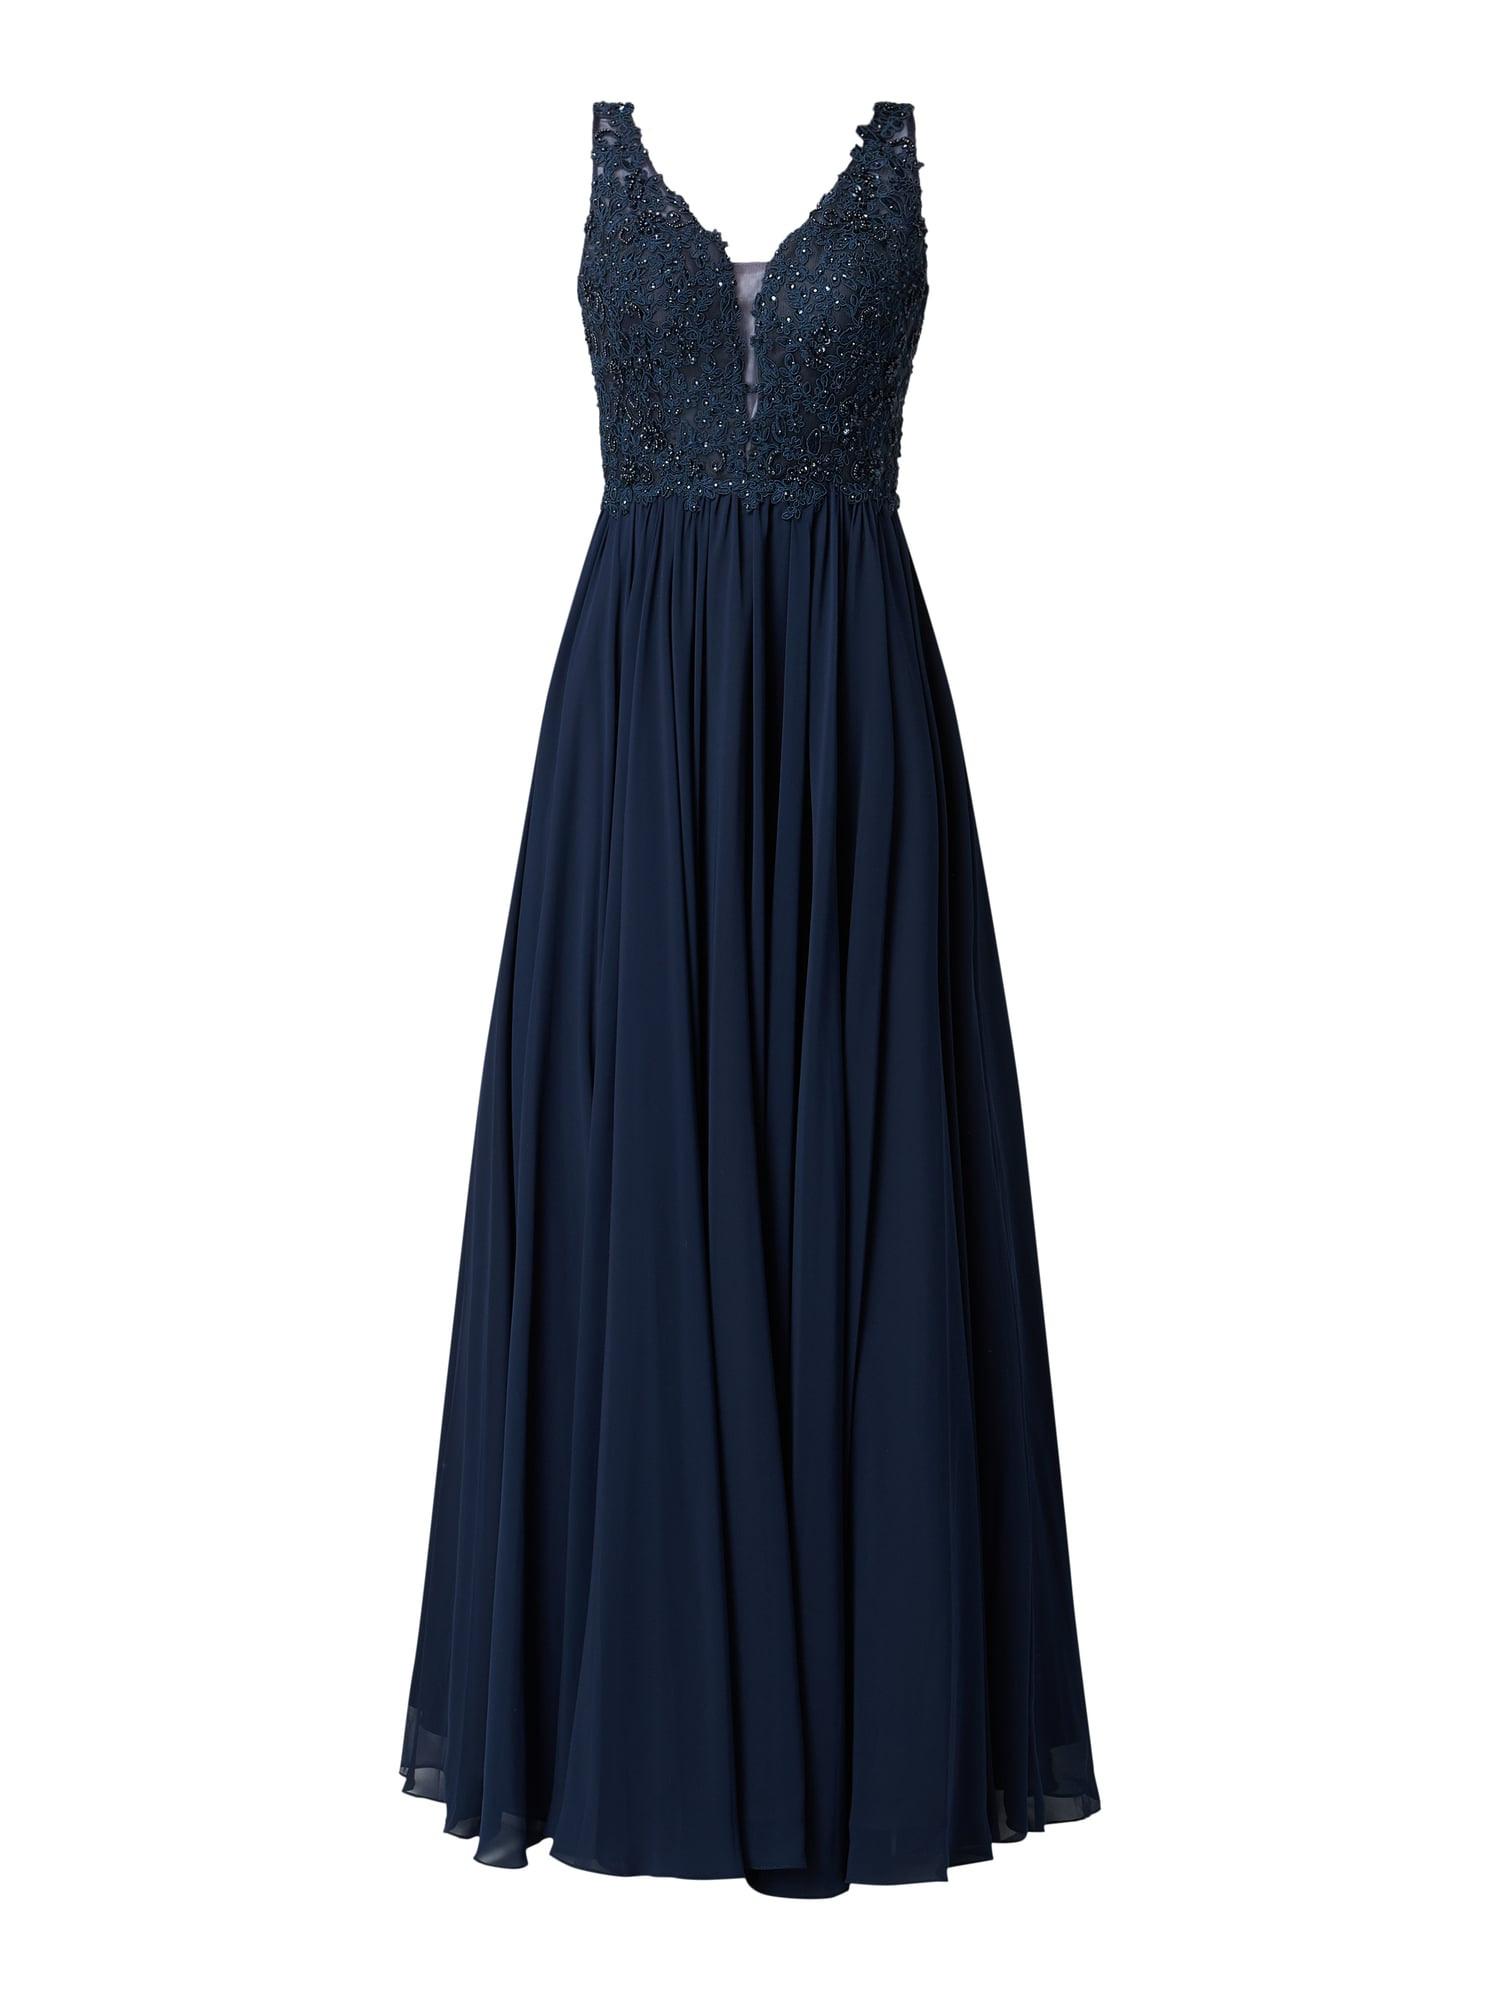 17 Luxurius Unique Abendkleid Blau Ärmel17 Luxus Unique Abendkleid Blau Vertrieb